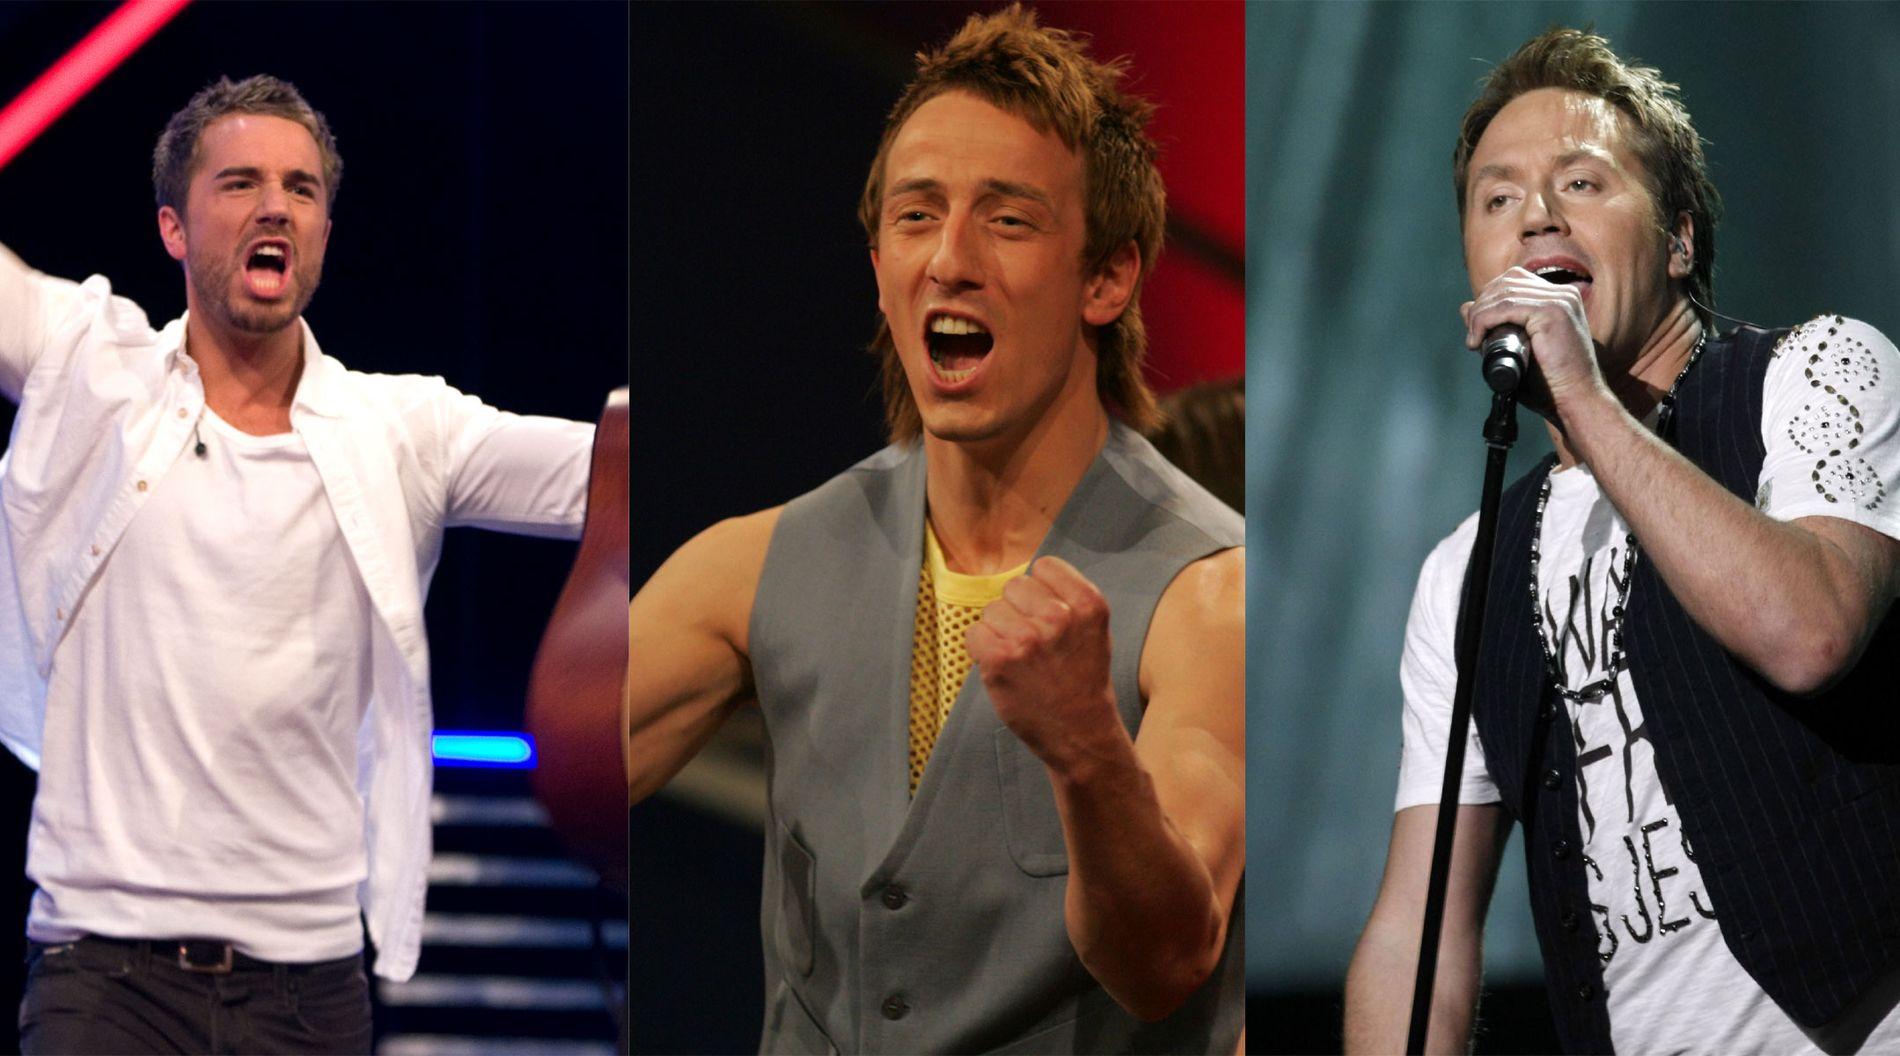 TV-TALENTER: Tommy Fredvang (t.v.) ble kjendis gjennom «X Factor», mens både Kjartan Salvesen og Glenn Lyse har vunnet «Idol». Her avbildet i henholdsvis 2009, 2004 og 2007.